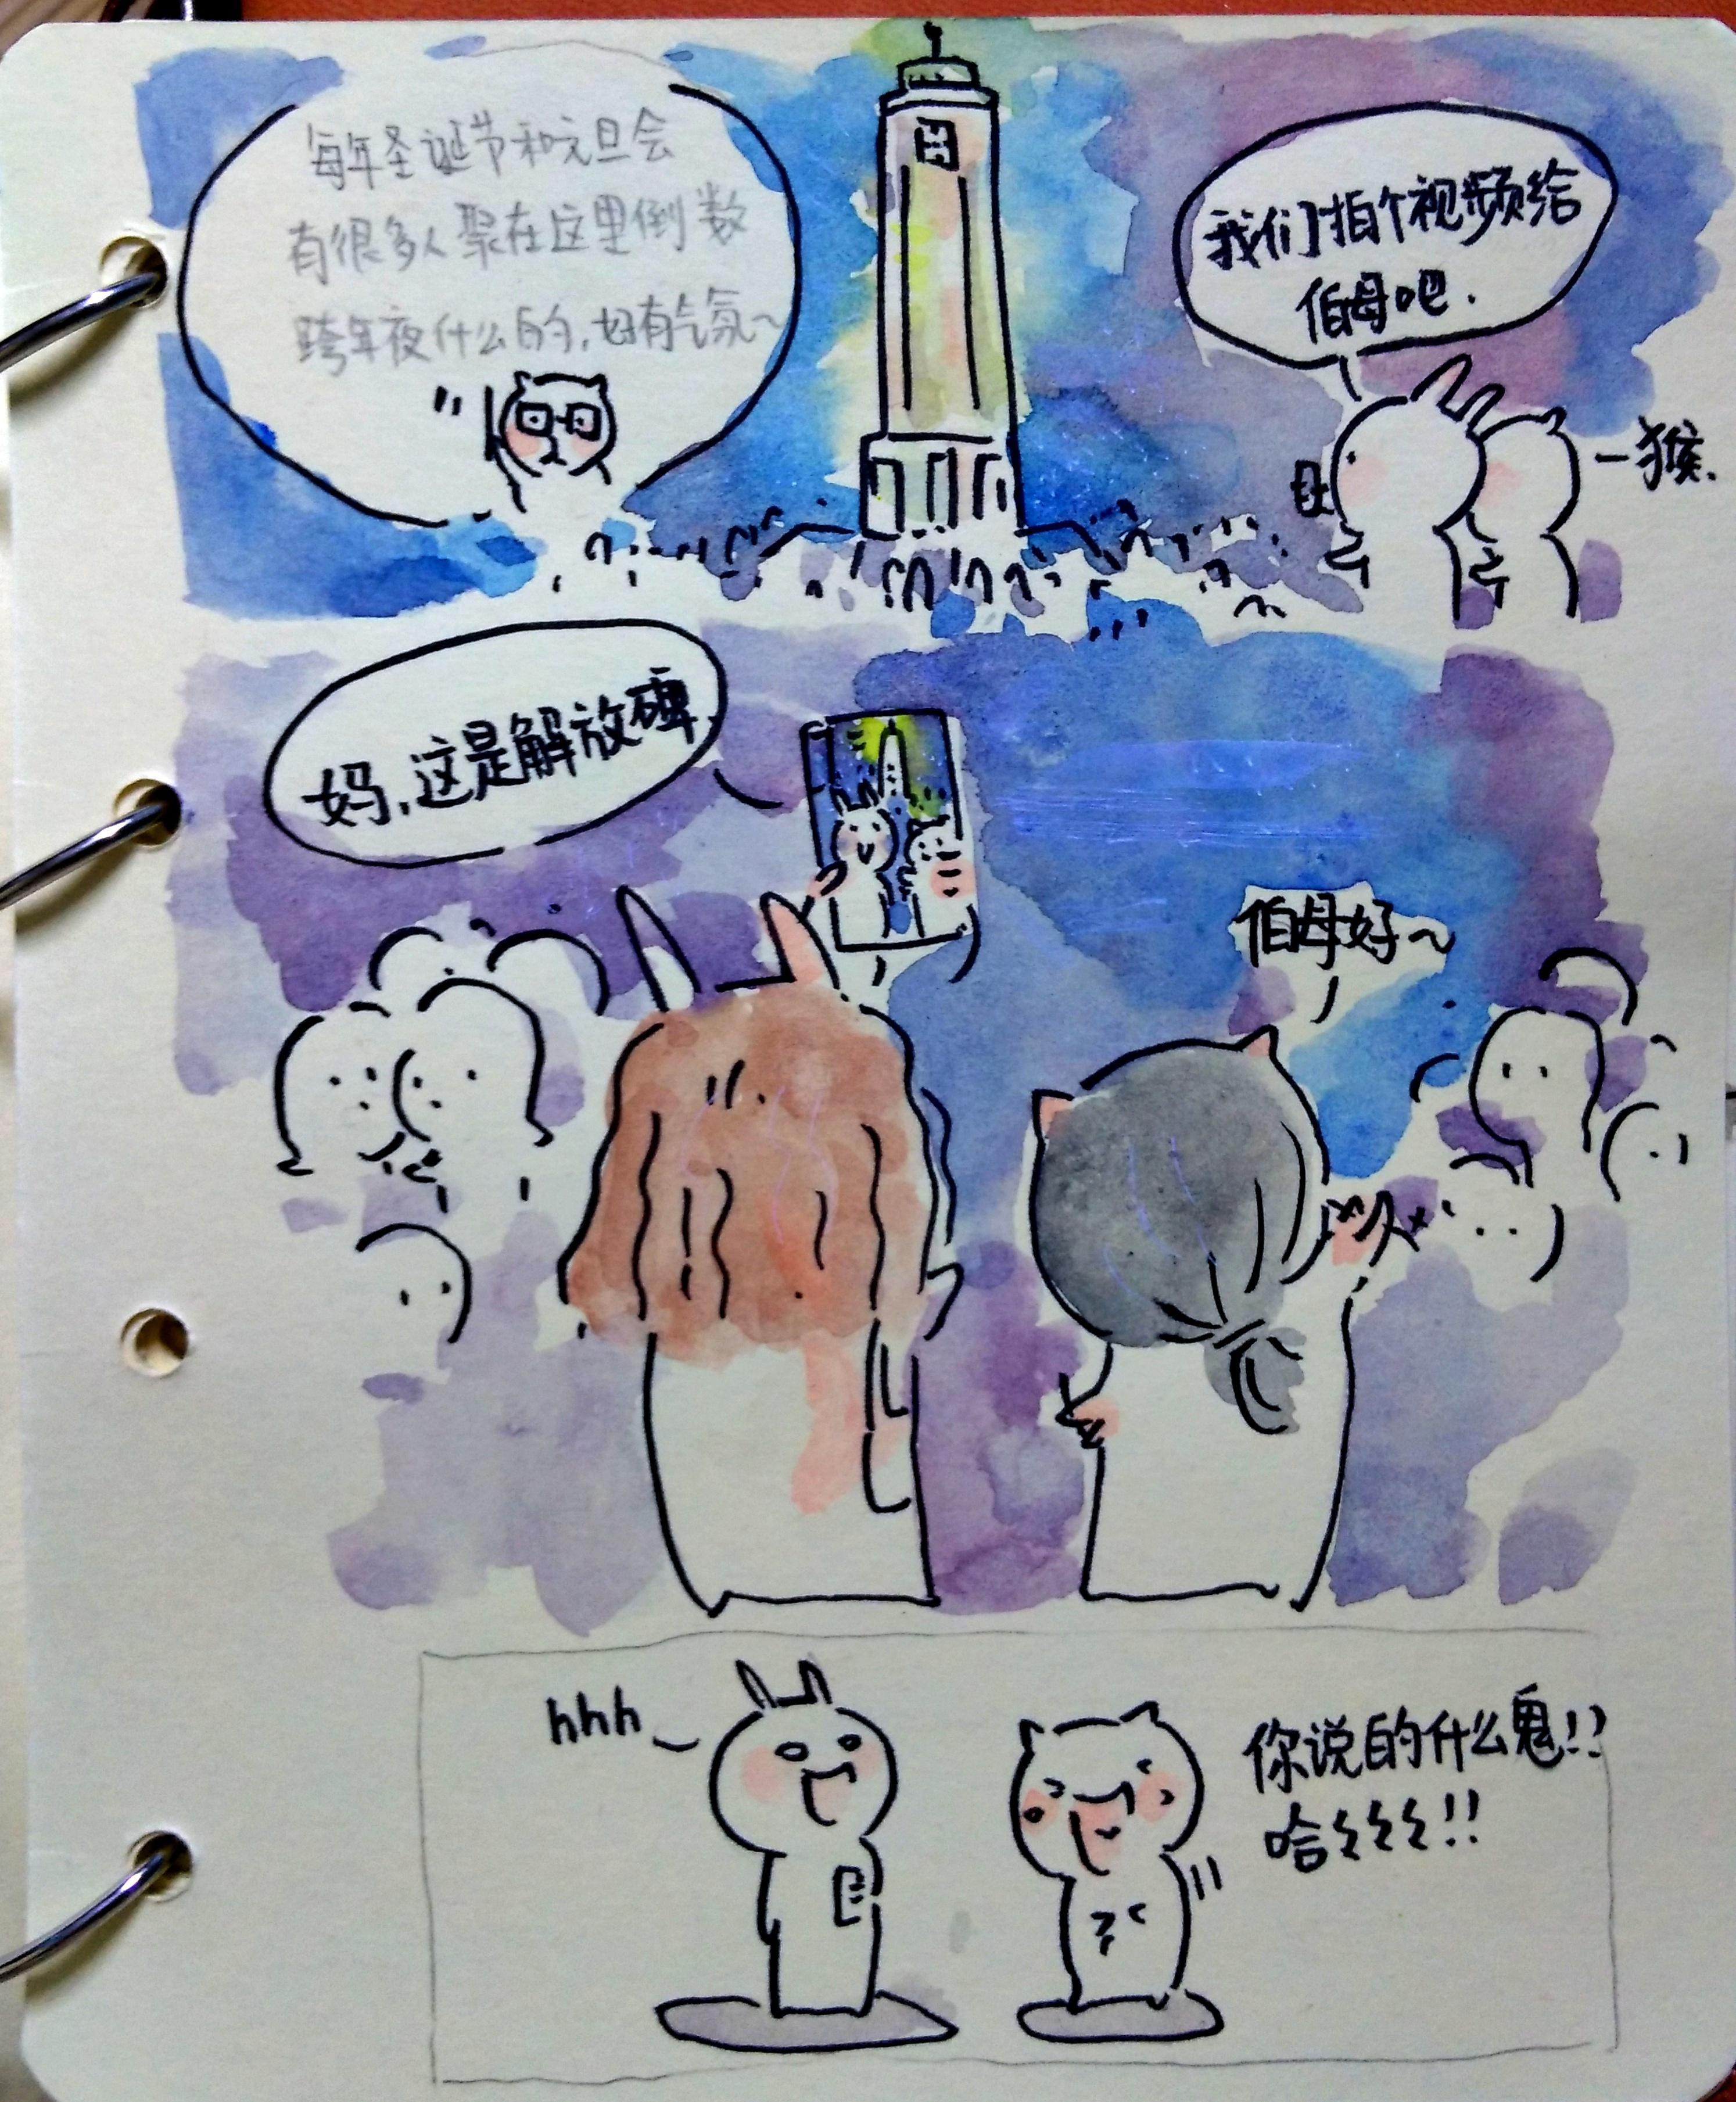 国庆节旅游日记100字:南京游记_无忧考网